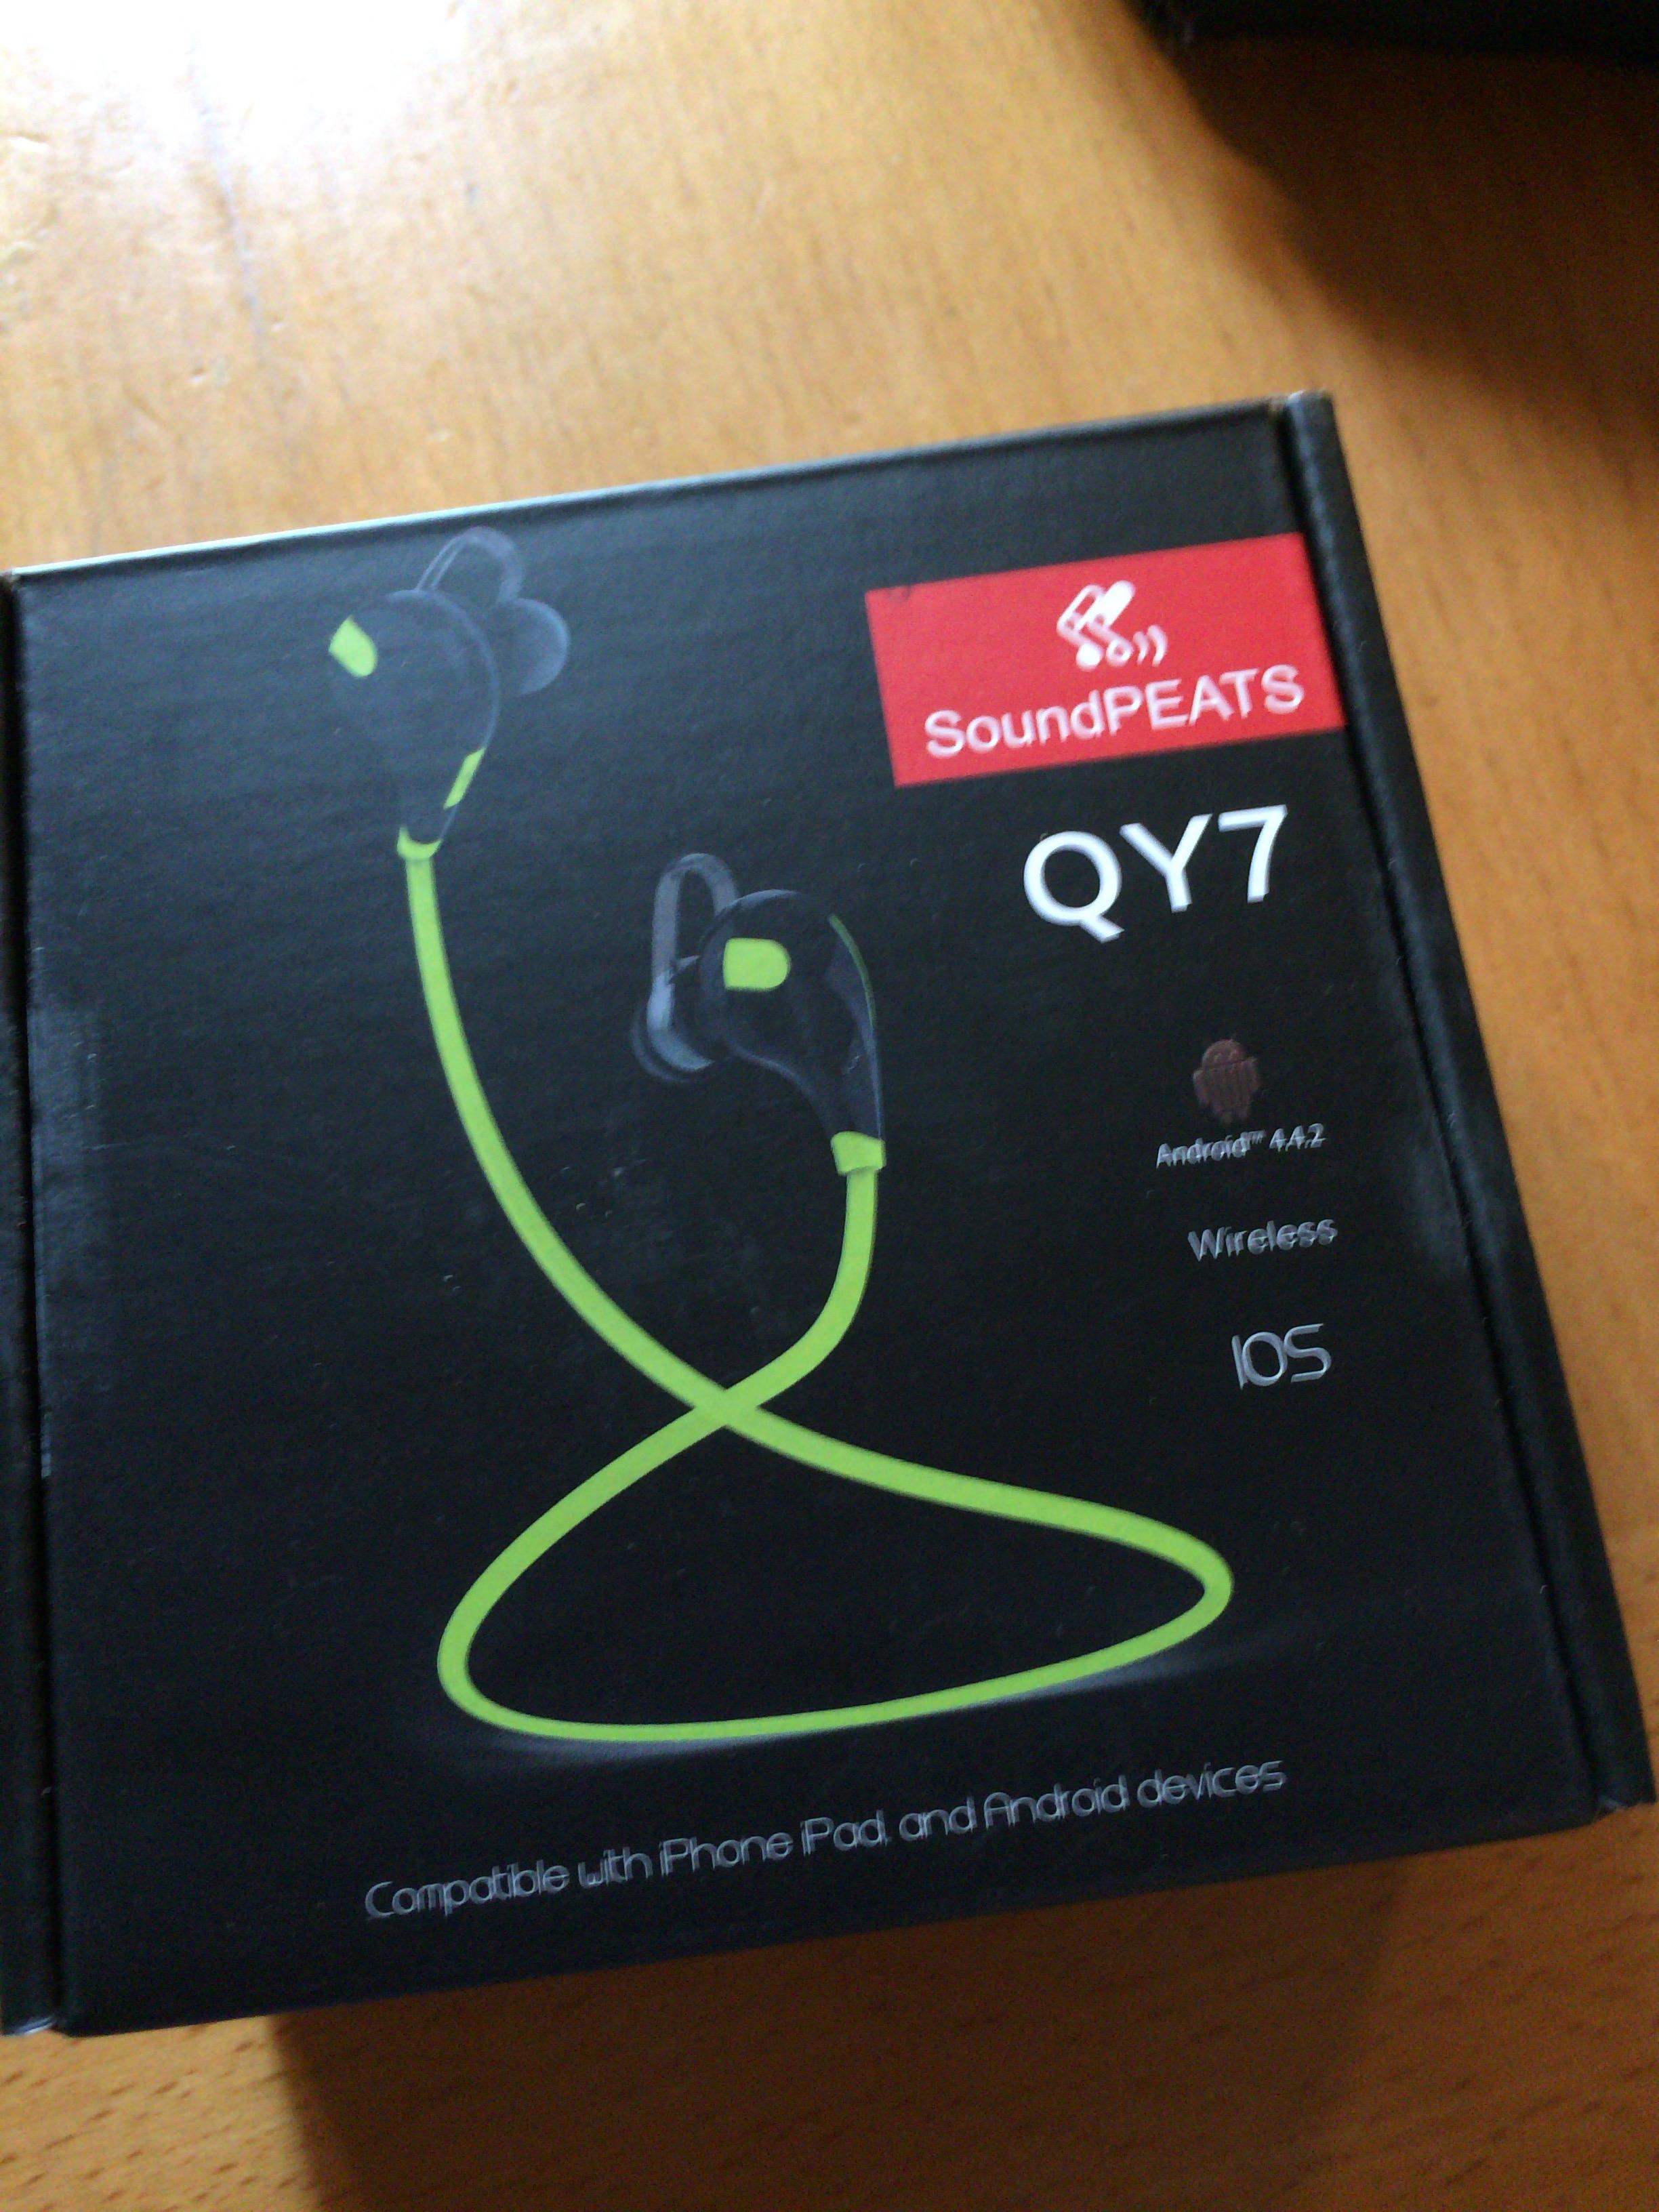 スポーツ用ワイヤレスヘッドセット「SoundPEATS-QY7」を-耳栓代わりに使ったらかなり良かった!